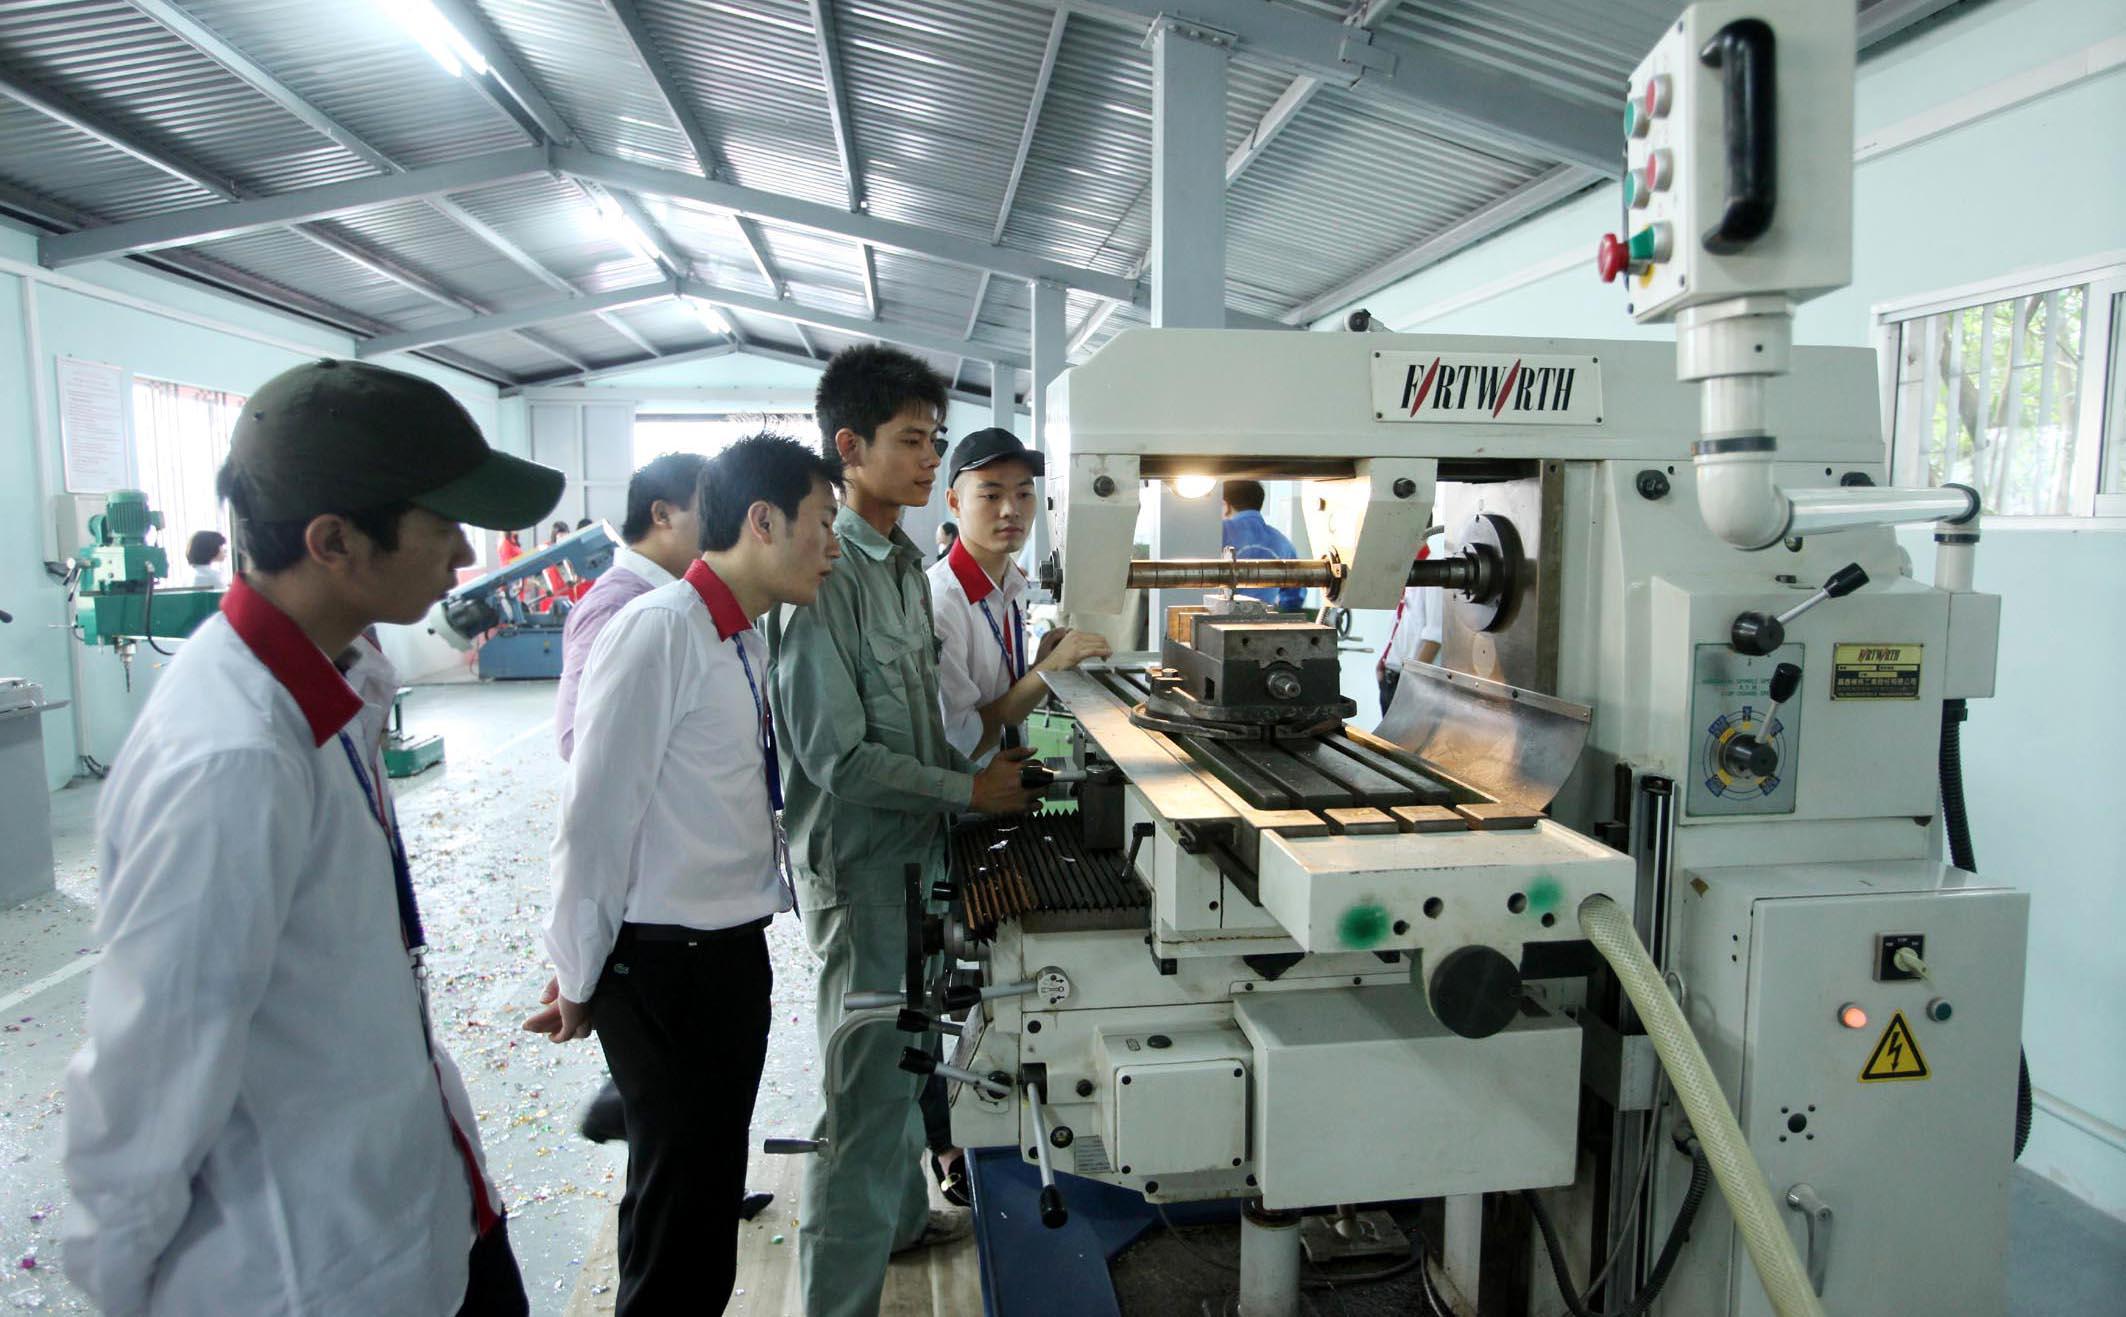 Chiến lược Phát triển khoa học và công nghệ giai đoạn 2011 – 2020 là động lực cho việc gia tăng đóng góp của khoa học và công nghệ vào tăng trưởng kinh tế, cải thiện đáng kể vị thế của khoa học và công nghệ Việt Nam trong khu vực và thế giới.